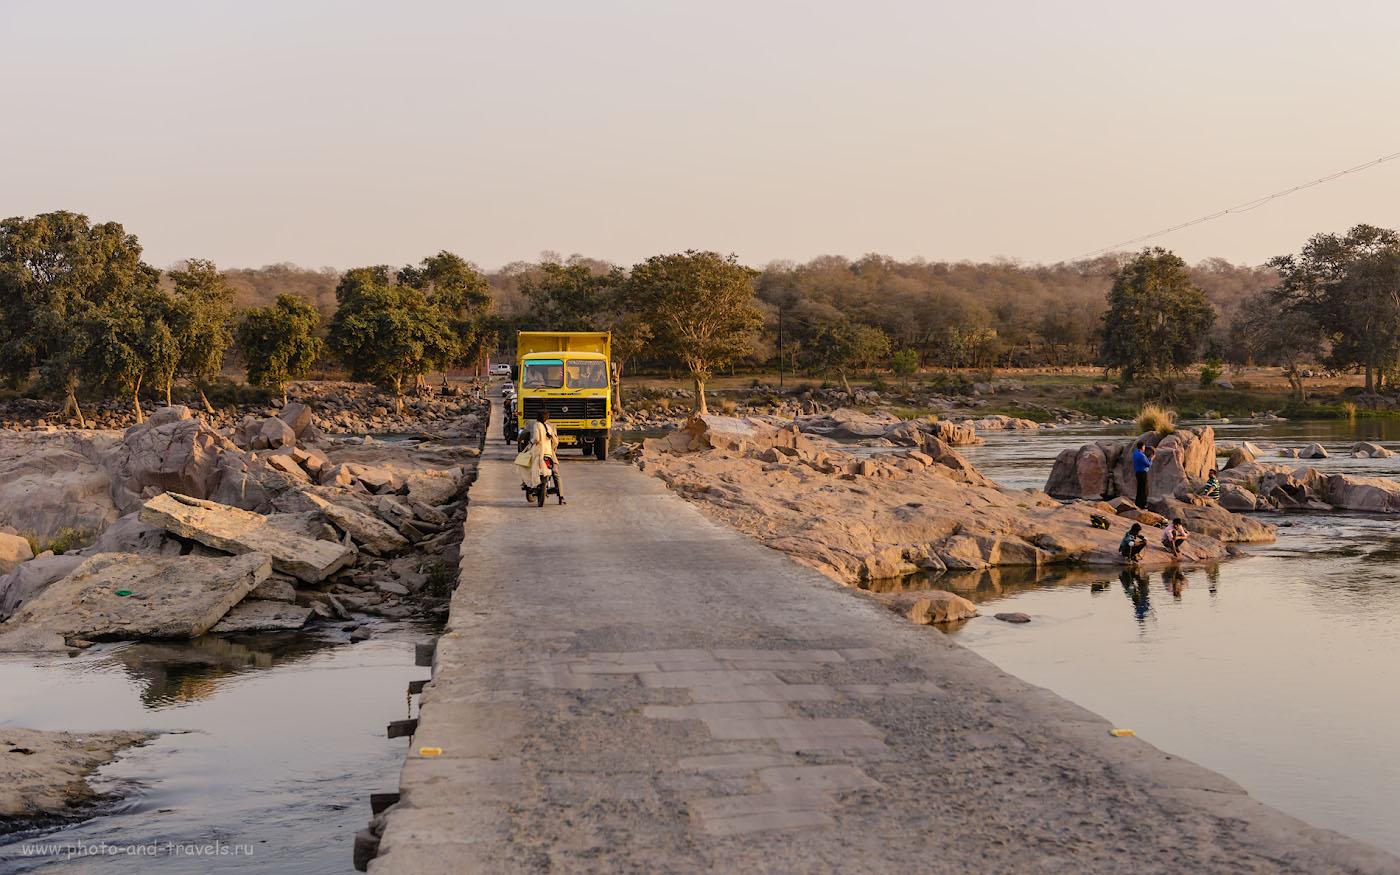 Фото 3. Мост через реку Бетва в городе Орчха. Отзывы о поездке в Индию «дикарями». 1/500, 4.5, 220, 28.